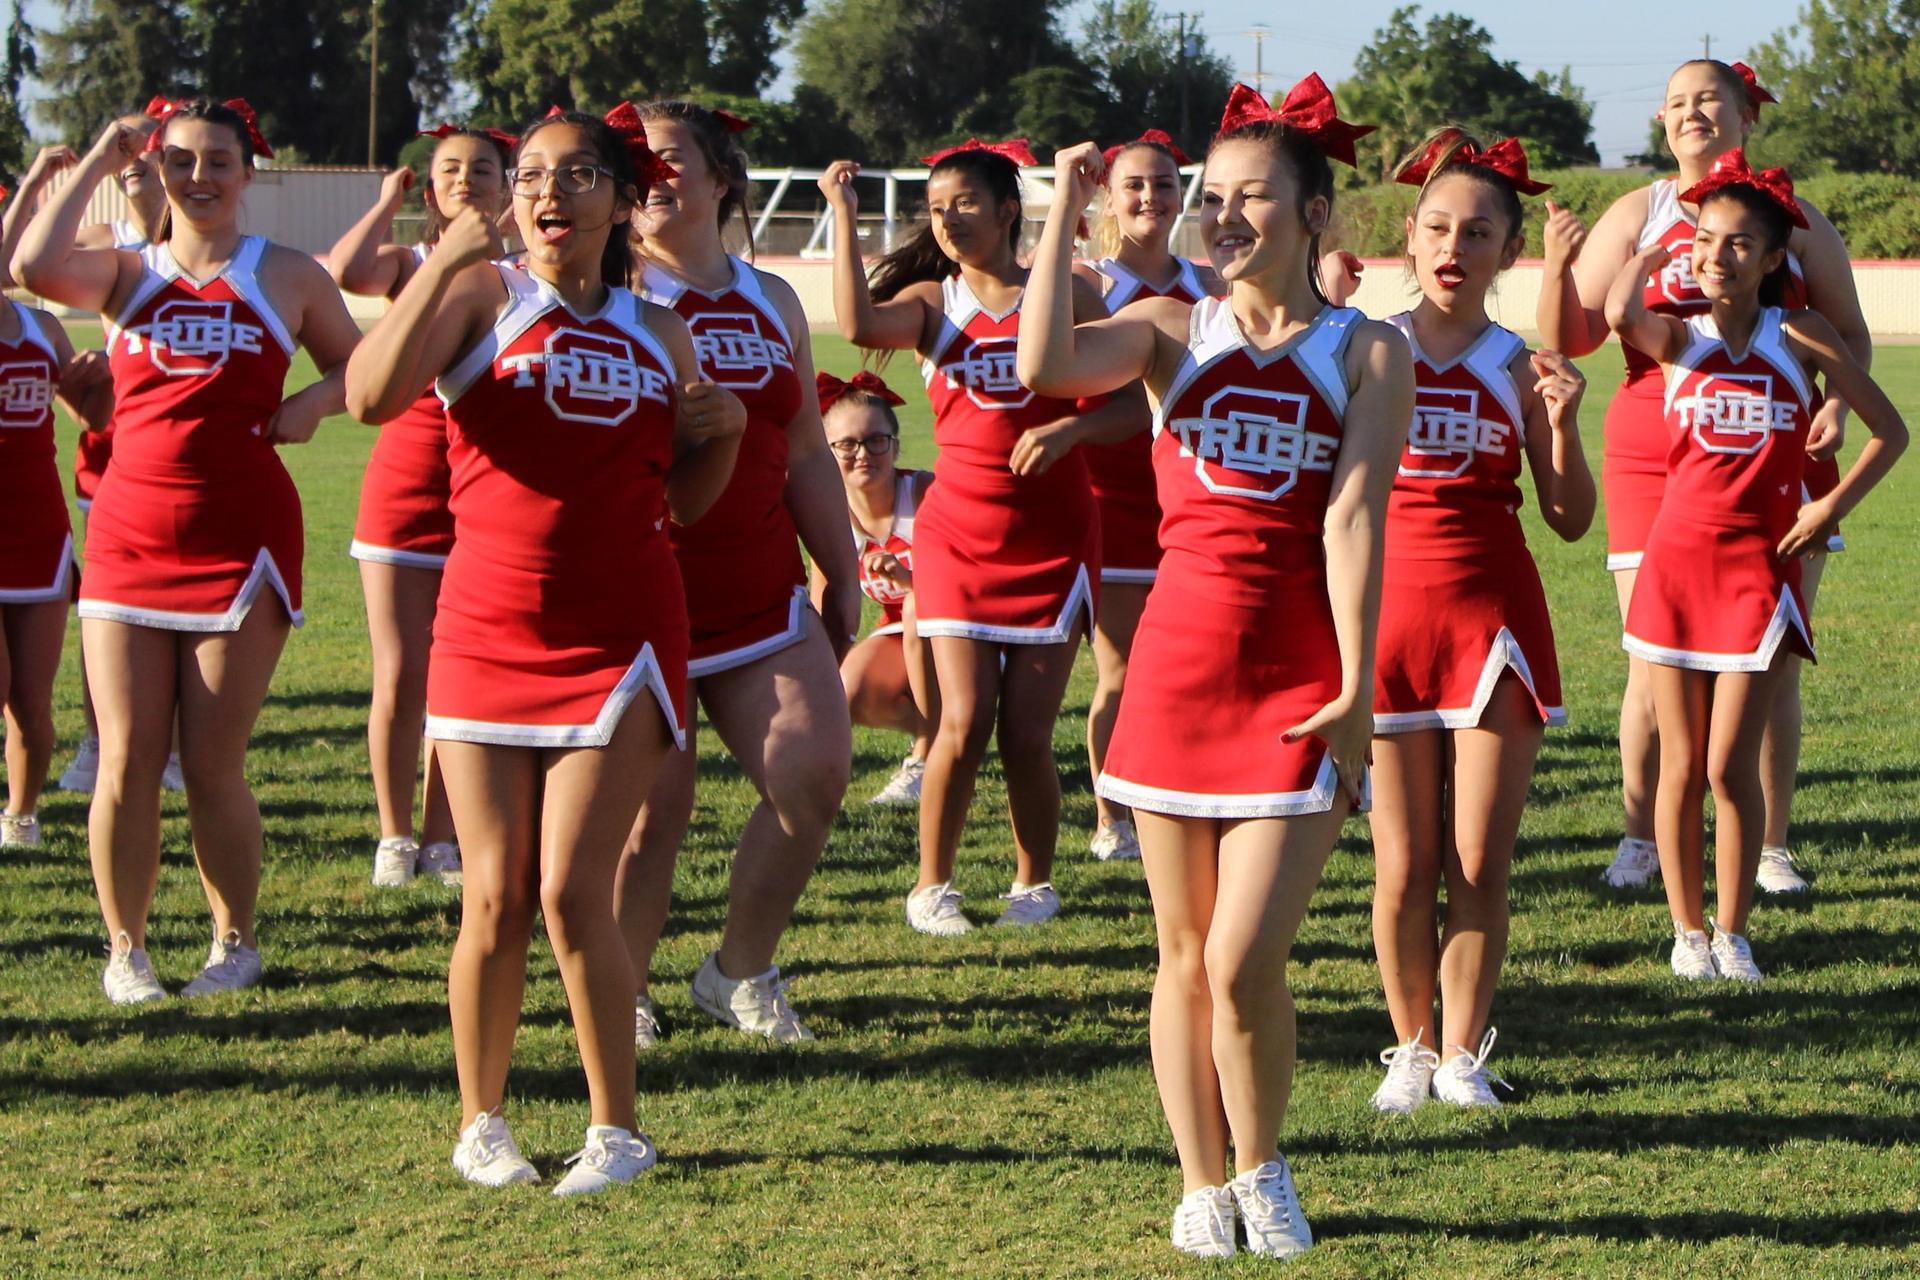 cheerleaders performing a routine.